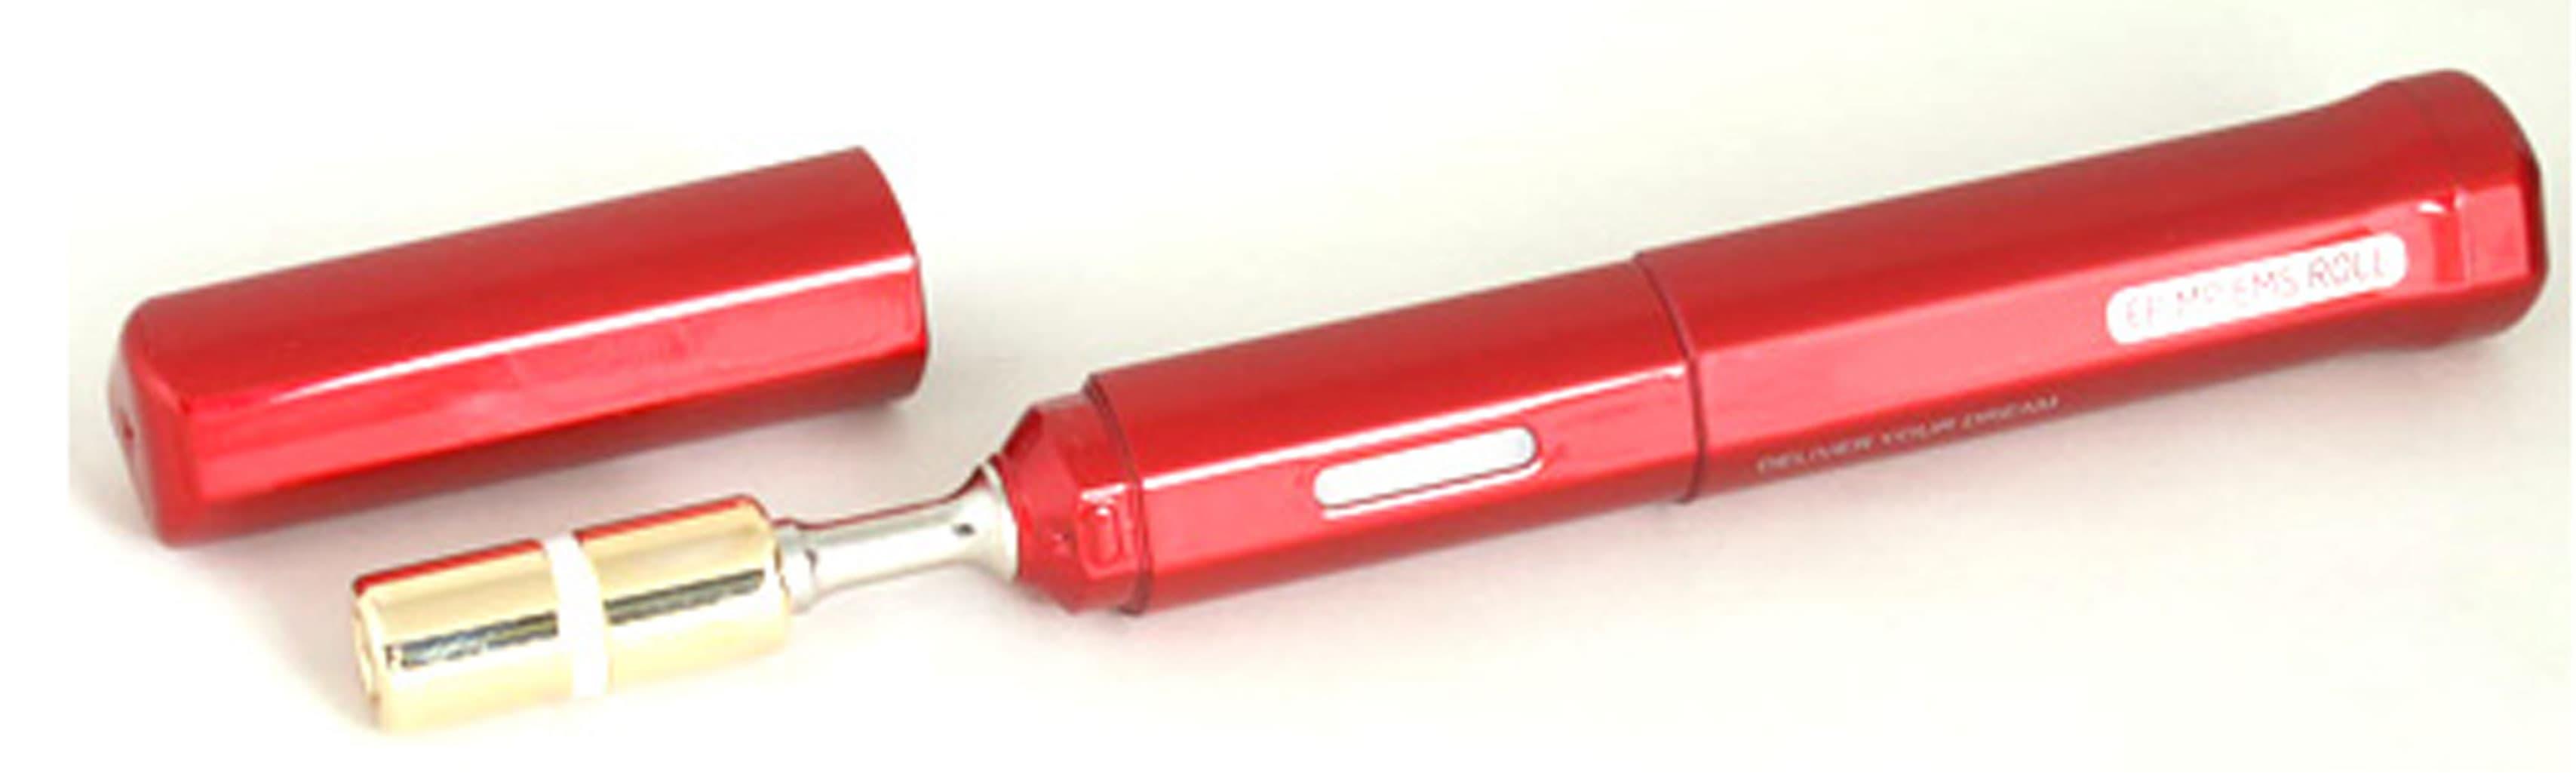 Smallest EP (electroporation) roller